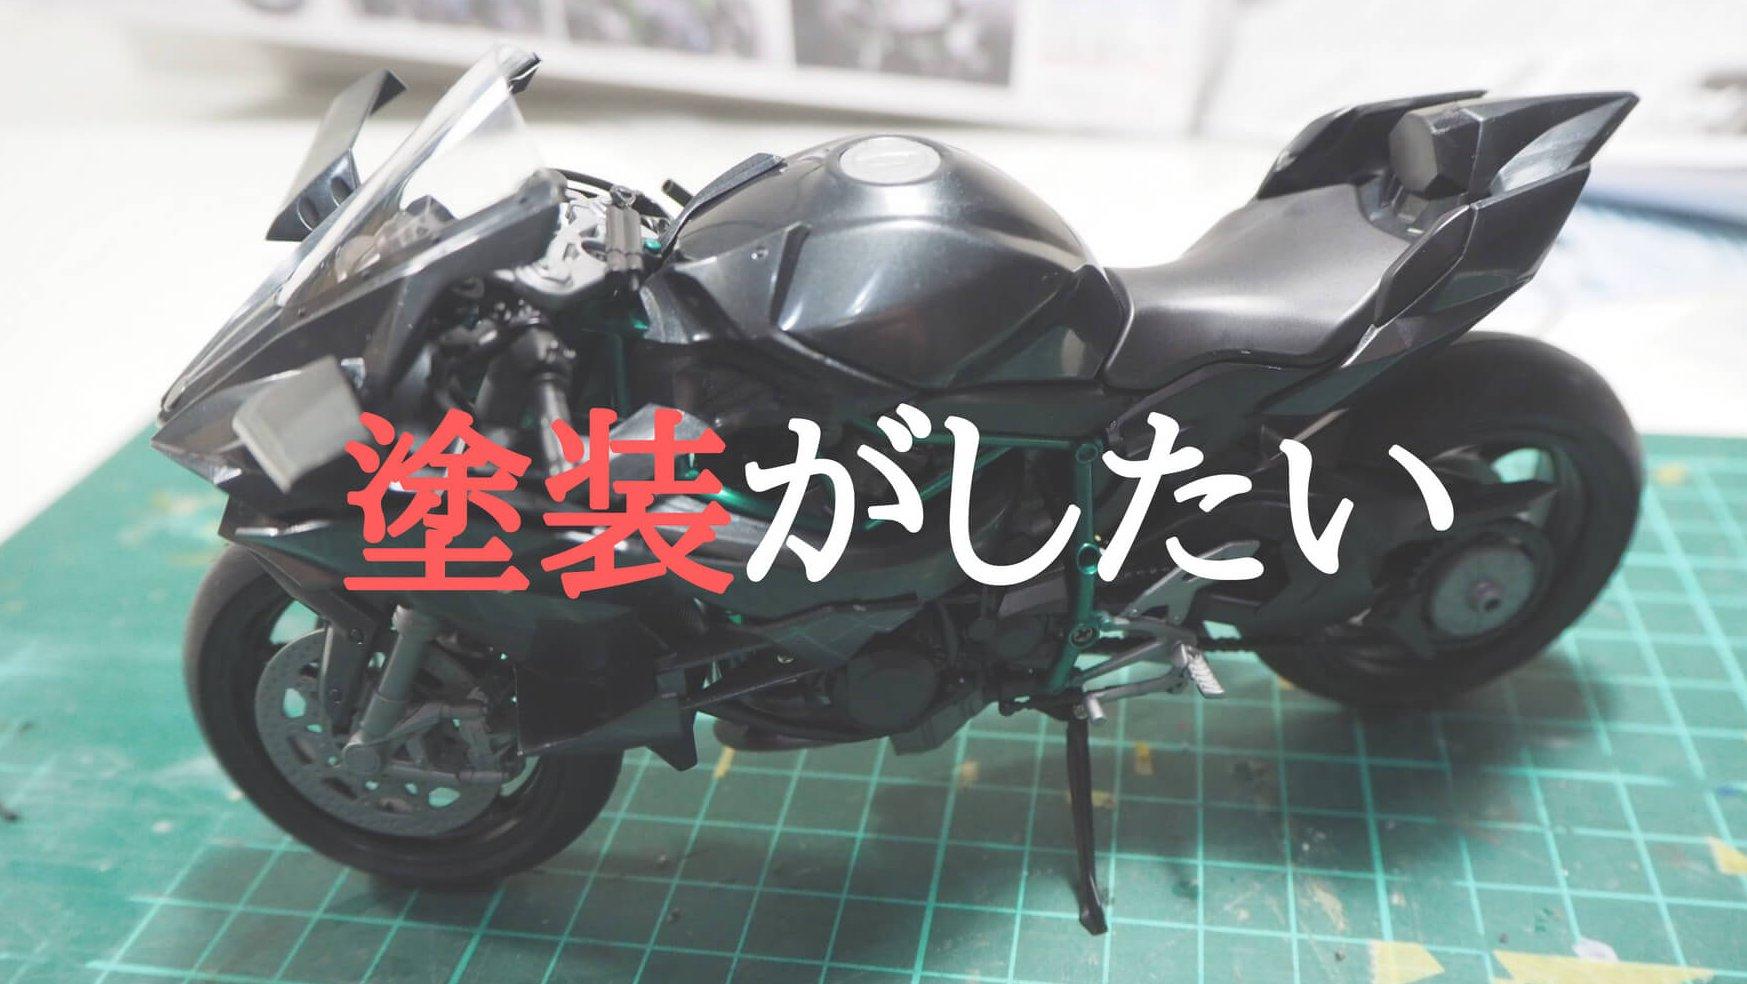 札幌のレンタル塗装ブース「キシダ模型」でプラモデル組み立ててきた